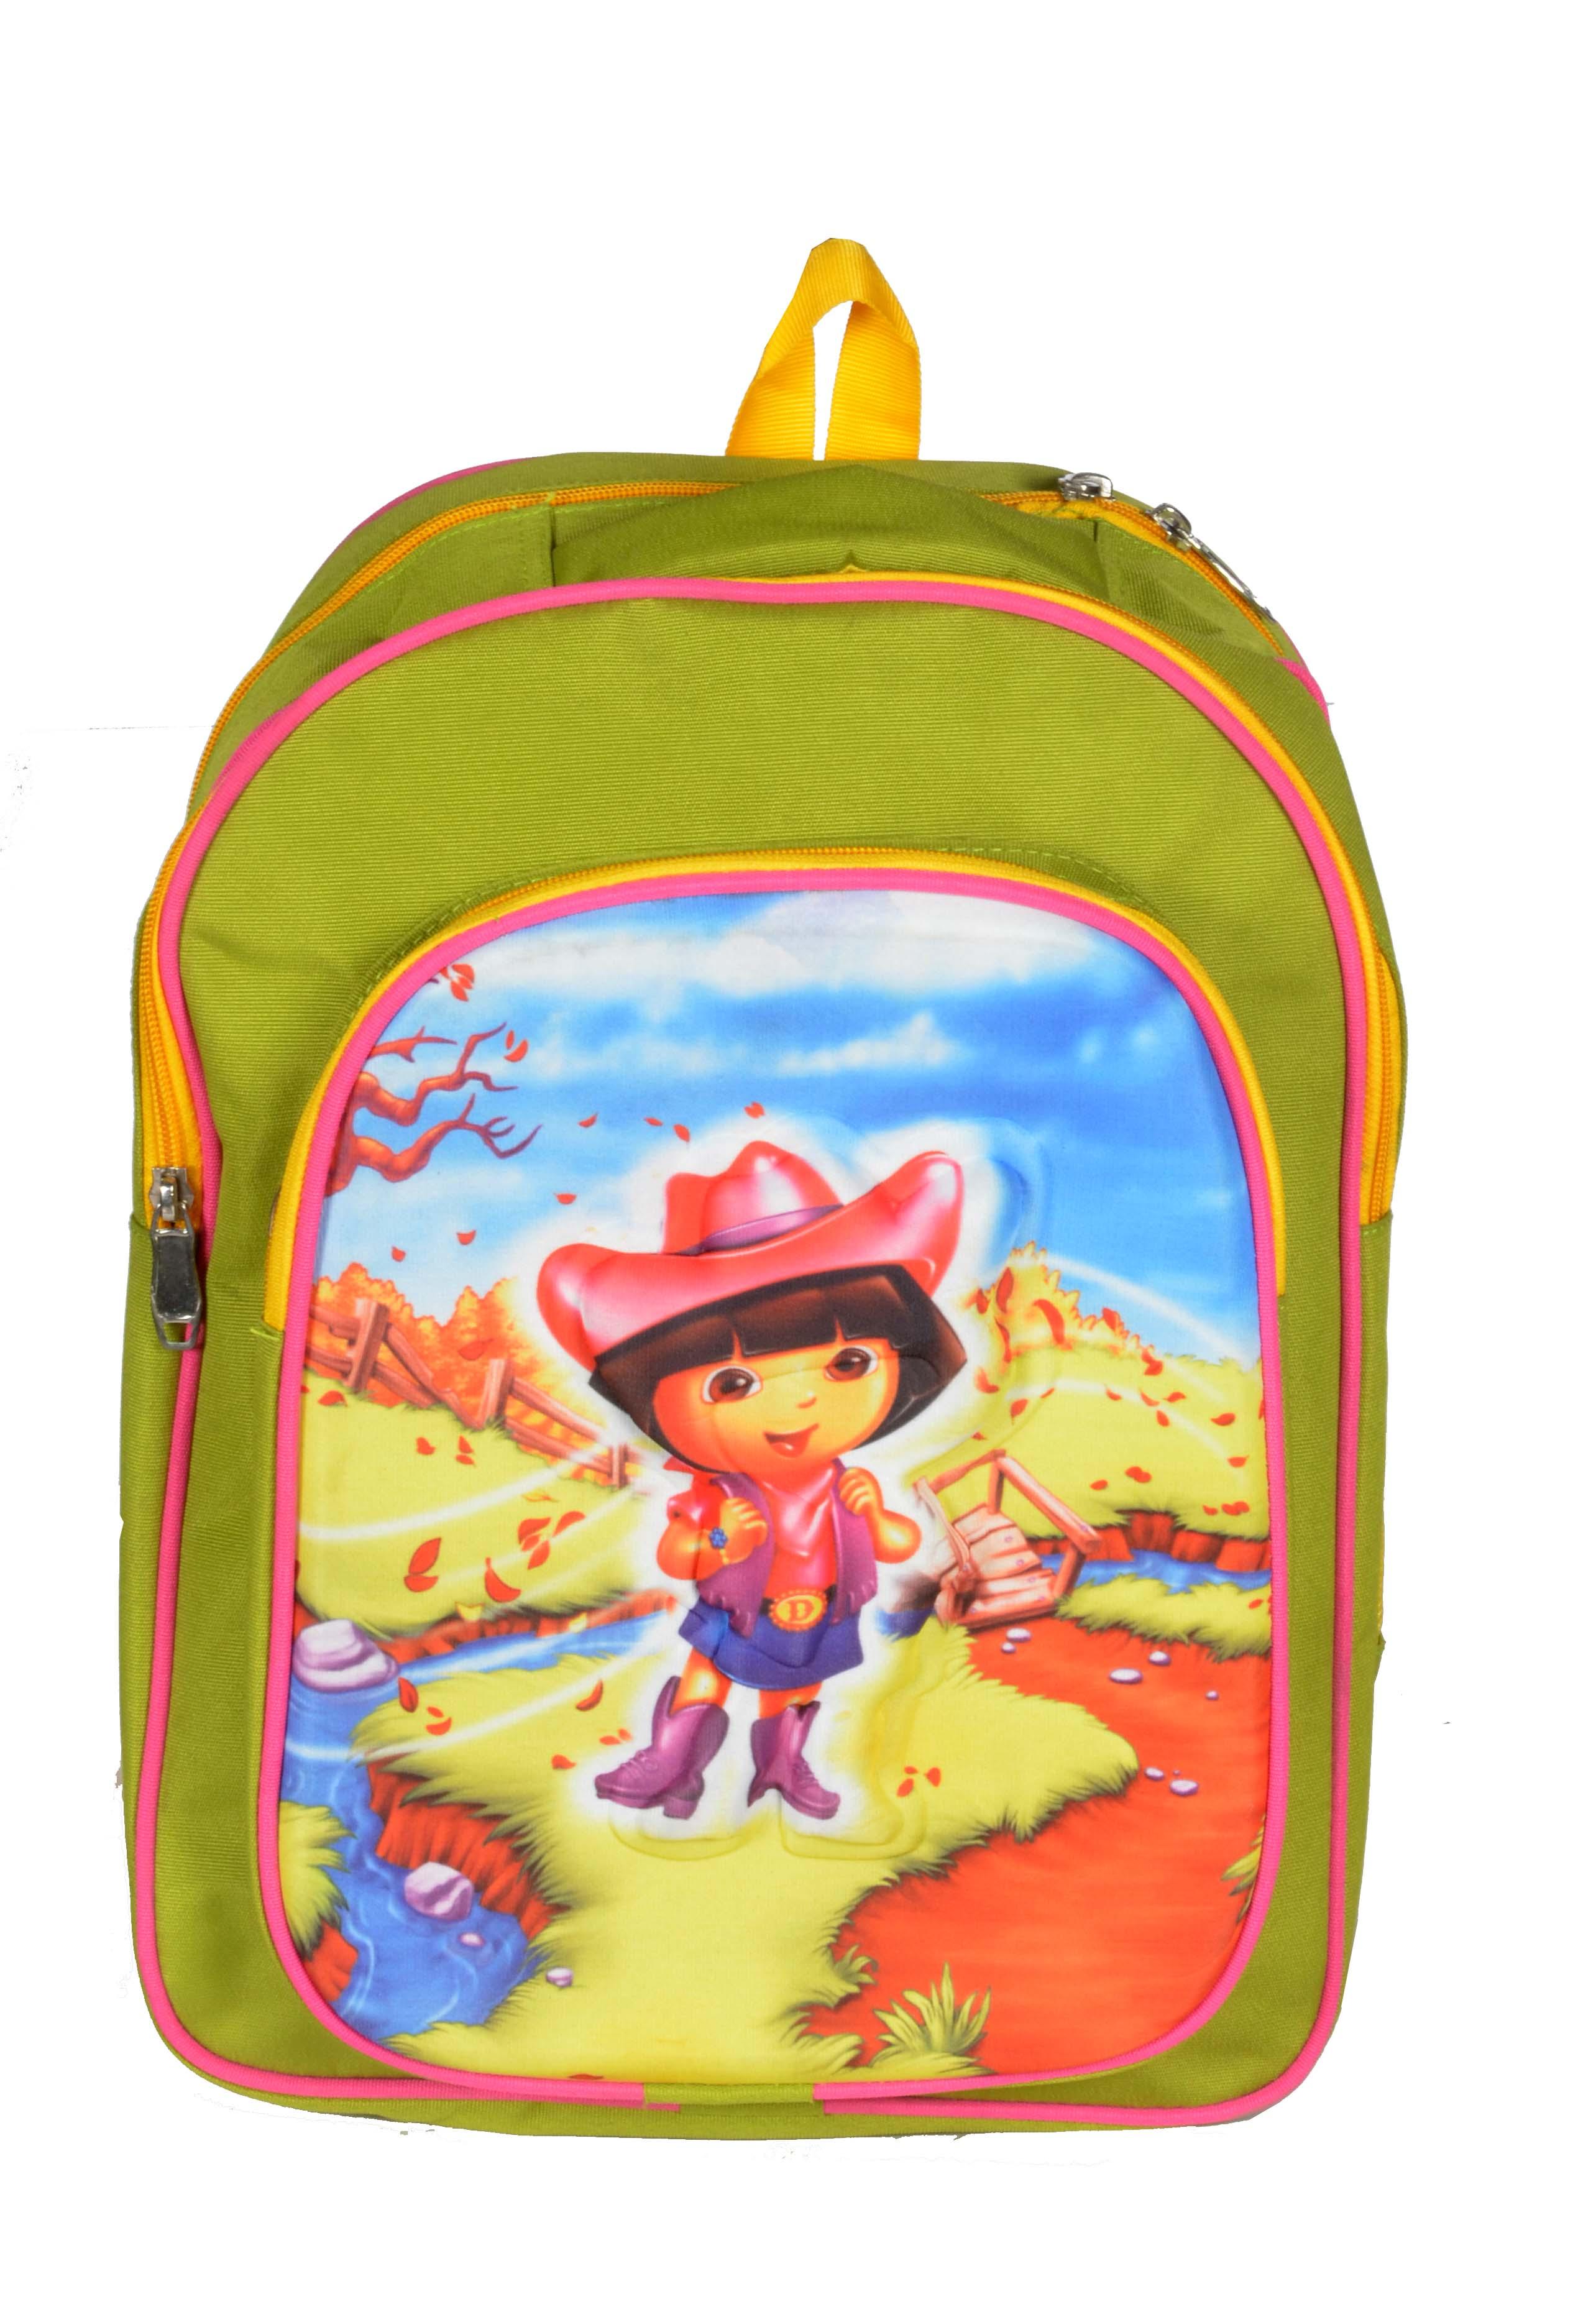 Destiny 3 D Action Boy Yellow School Bag for Kids CEAD1937